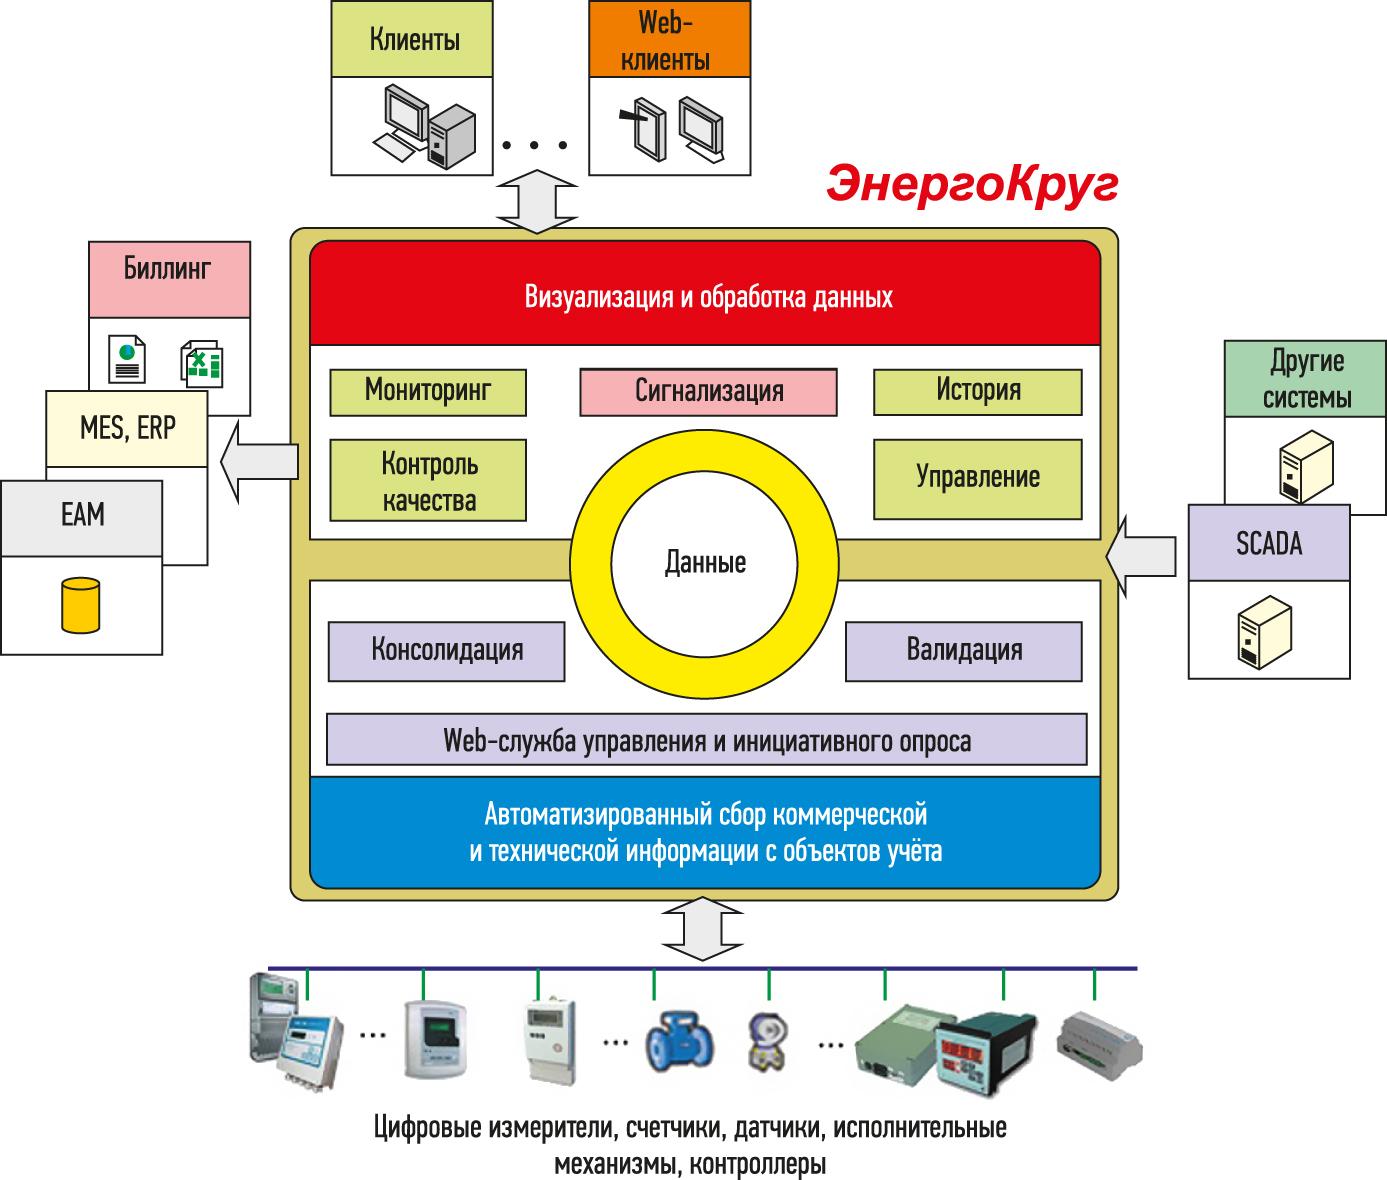 Обобщенная структура ИВК «ЭнергоКруг»